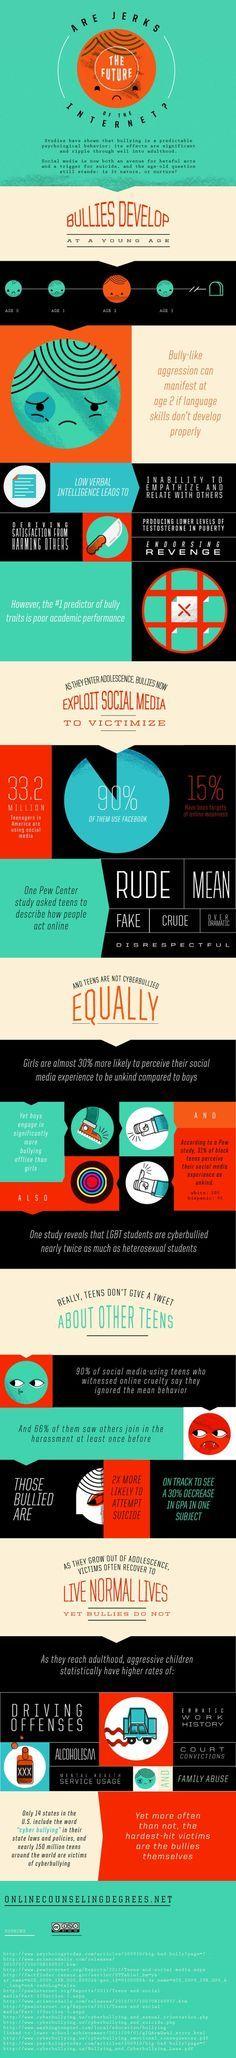 as consequa ncias do bullying ao longo da vida bullying statistics effects of bullying bullying